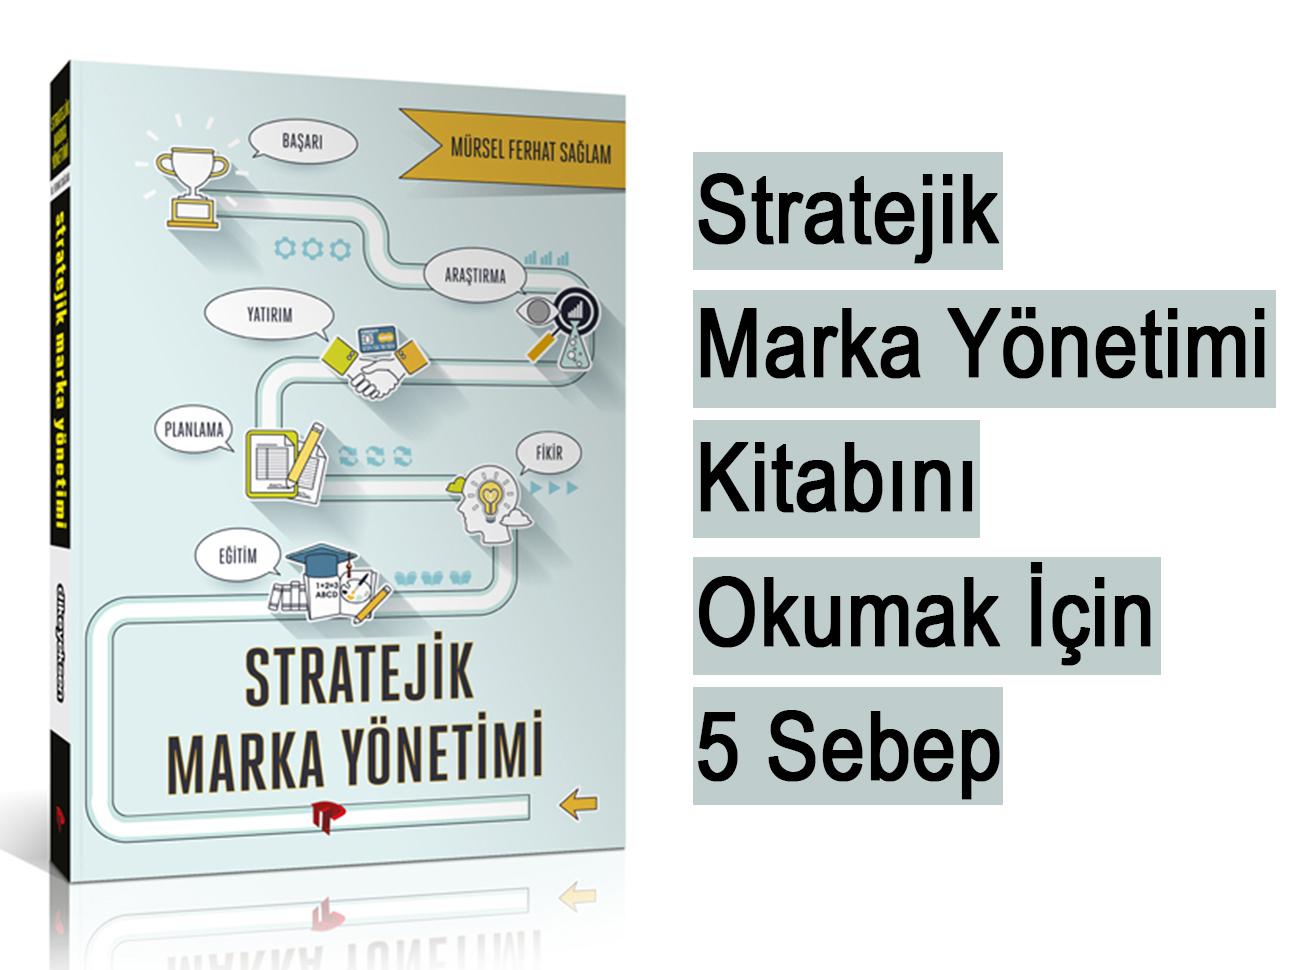 Stratejik Marka Yönetimi Kitabını Okumak İçin 5 Sebep